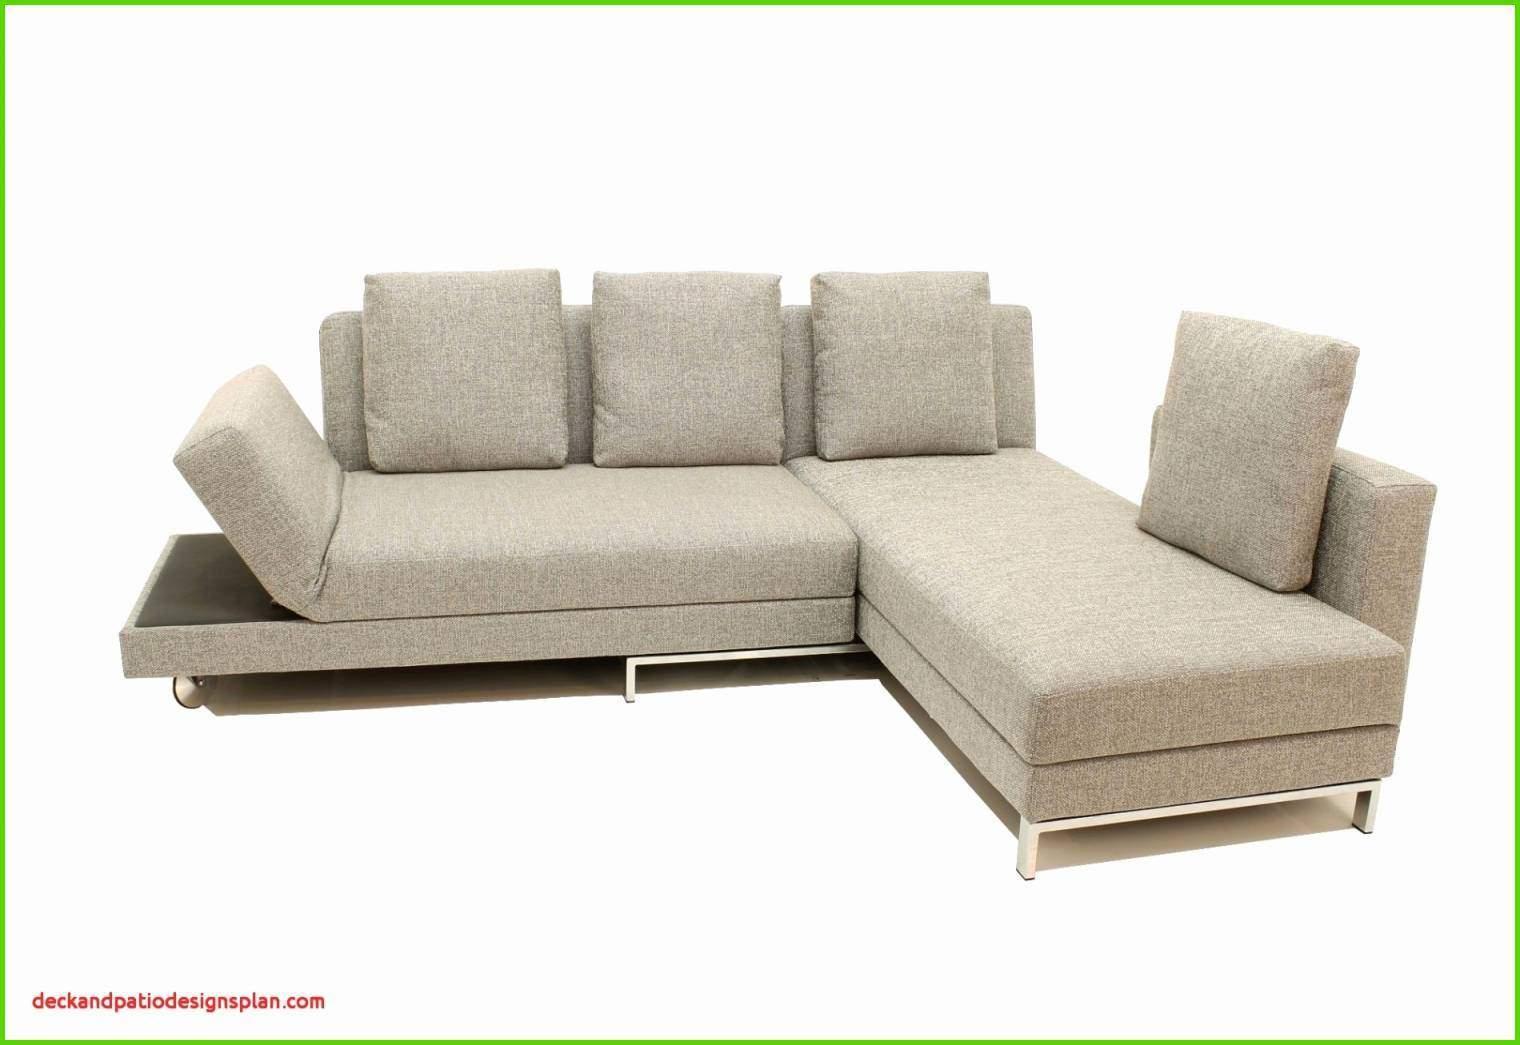 wohnzimmer sessel einzigartig esszimmer lounge sessel luxury coole sofas beste scheselong of wohnzimmer sessel